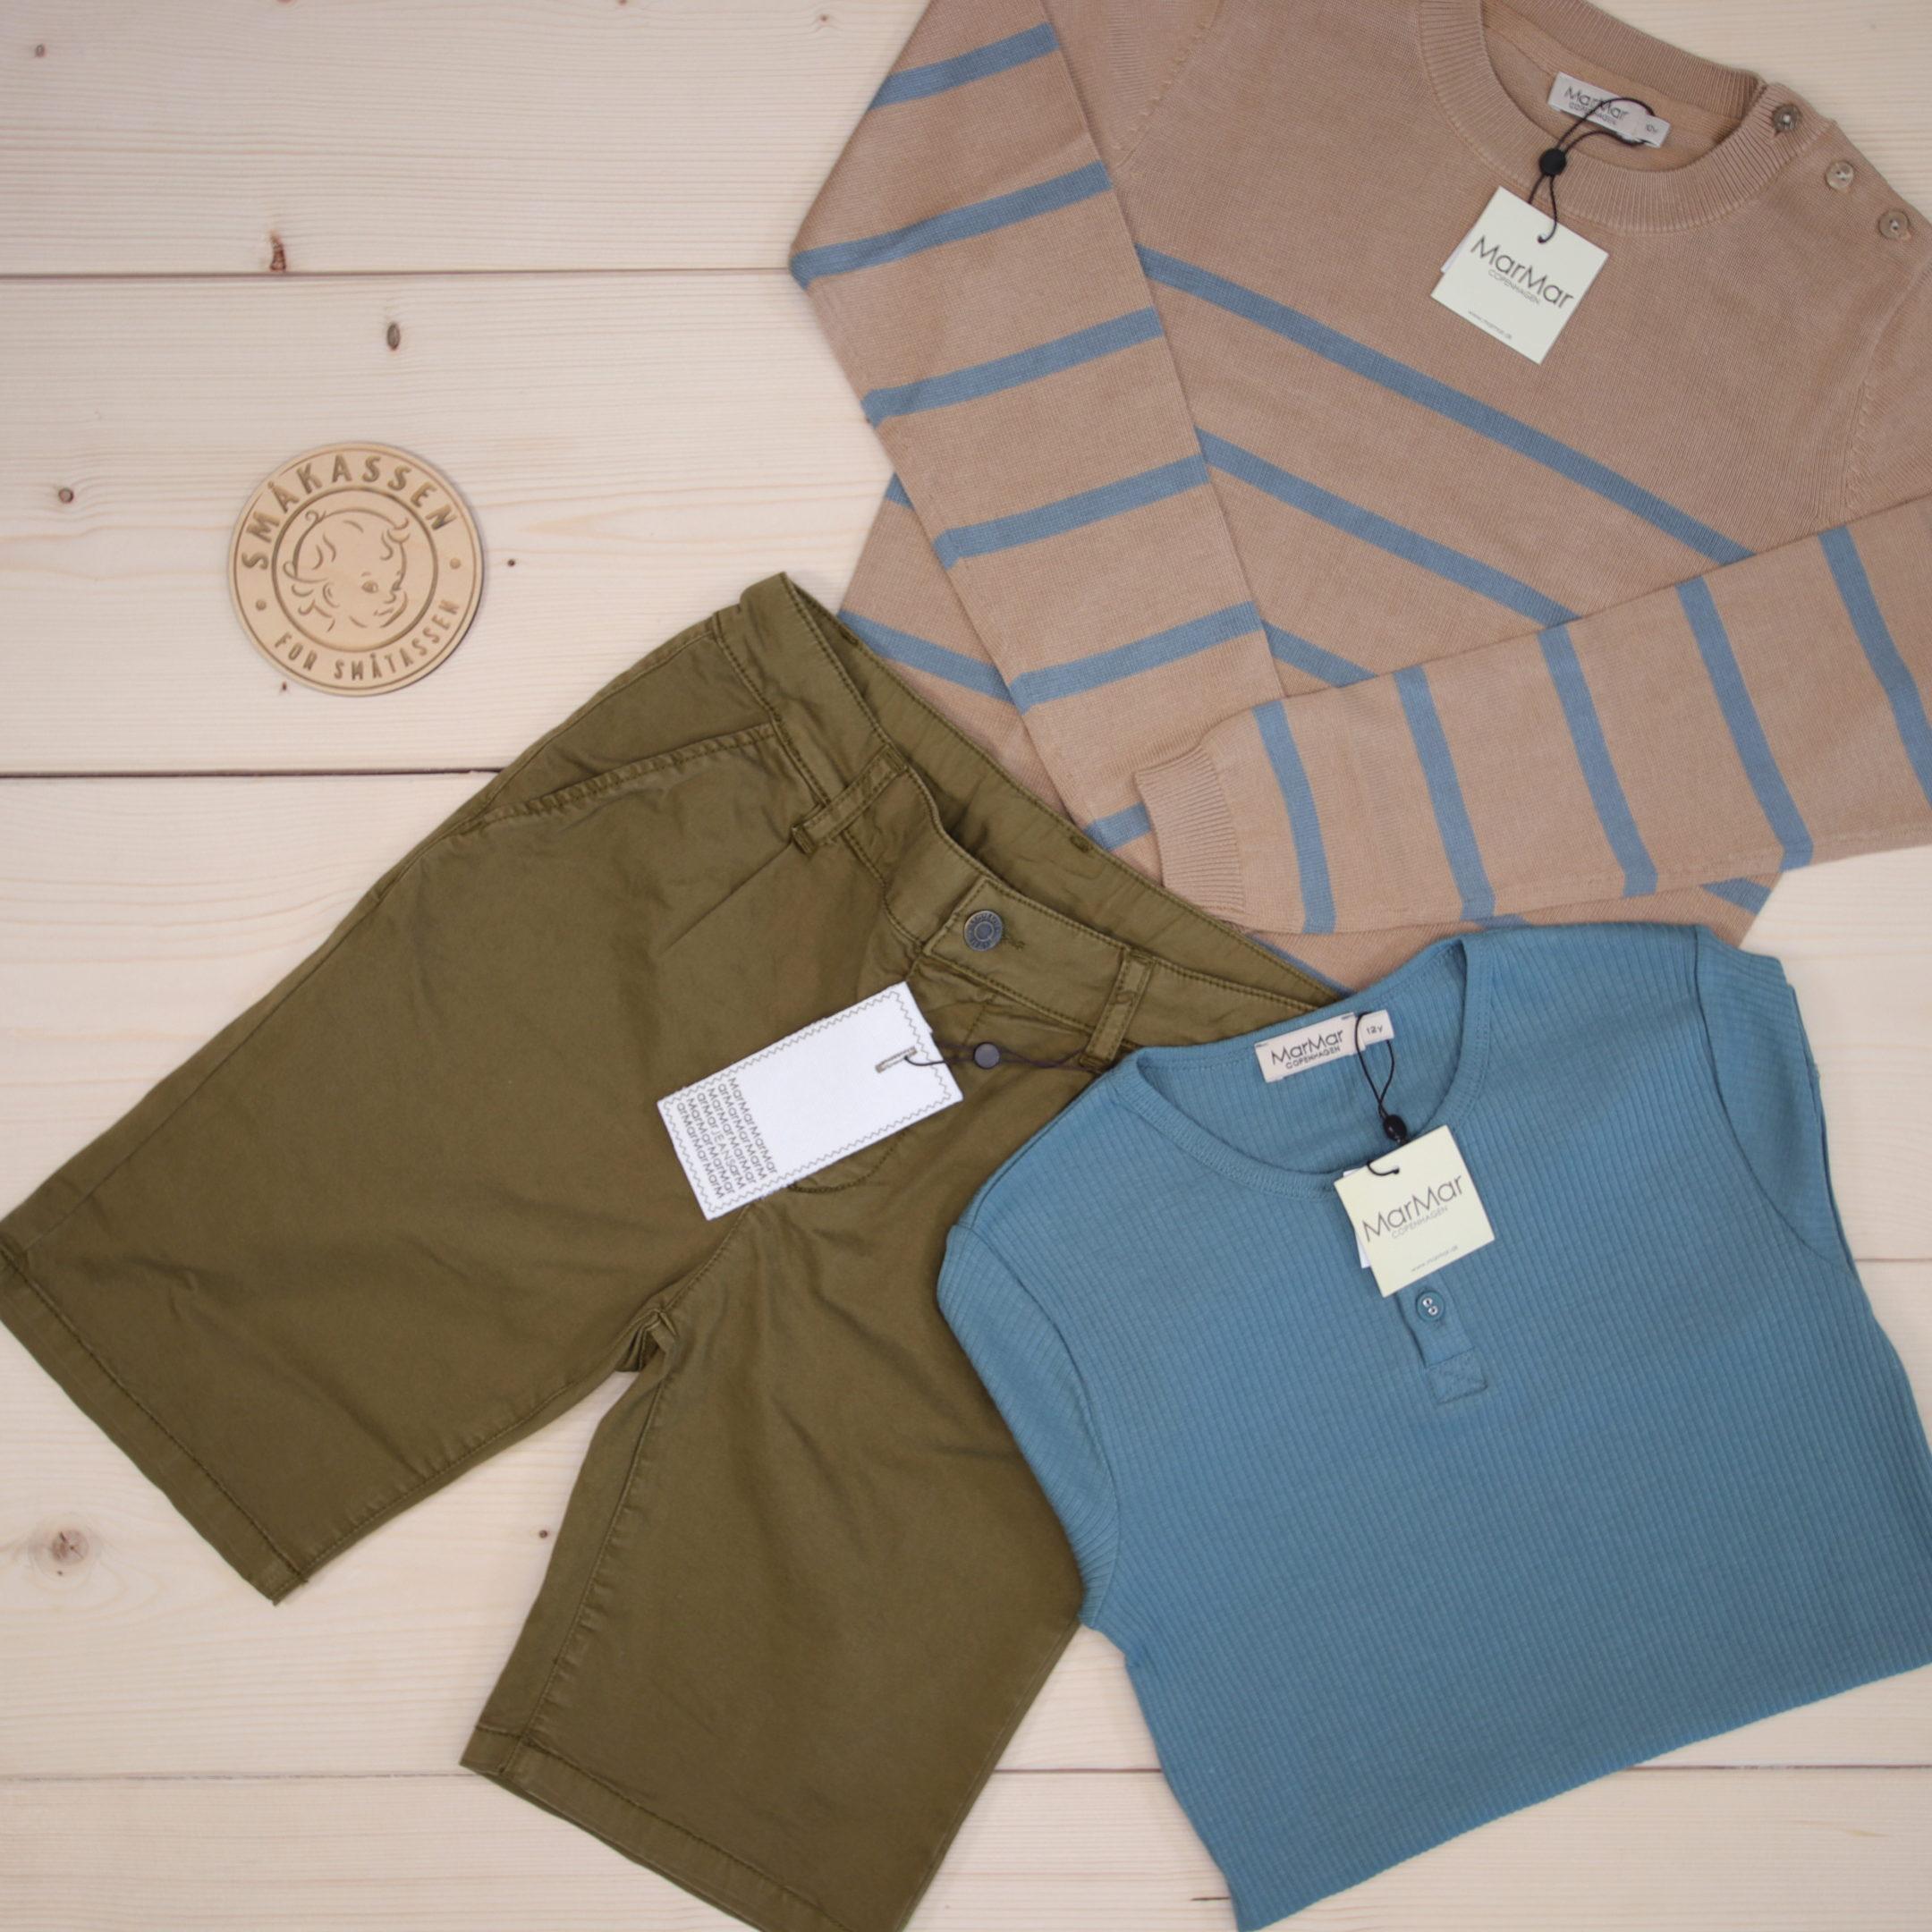 More news from MarMar  Dette er Småpakke som vi forberedte for en gutt i stilene cute og minimalistic